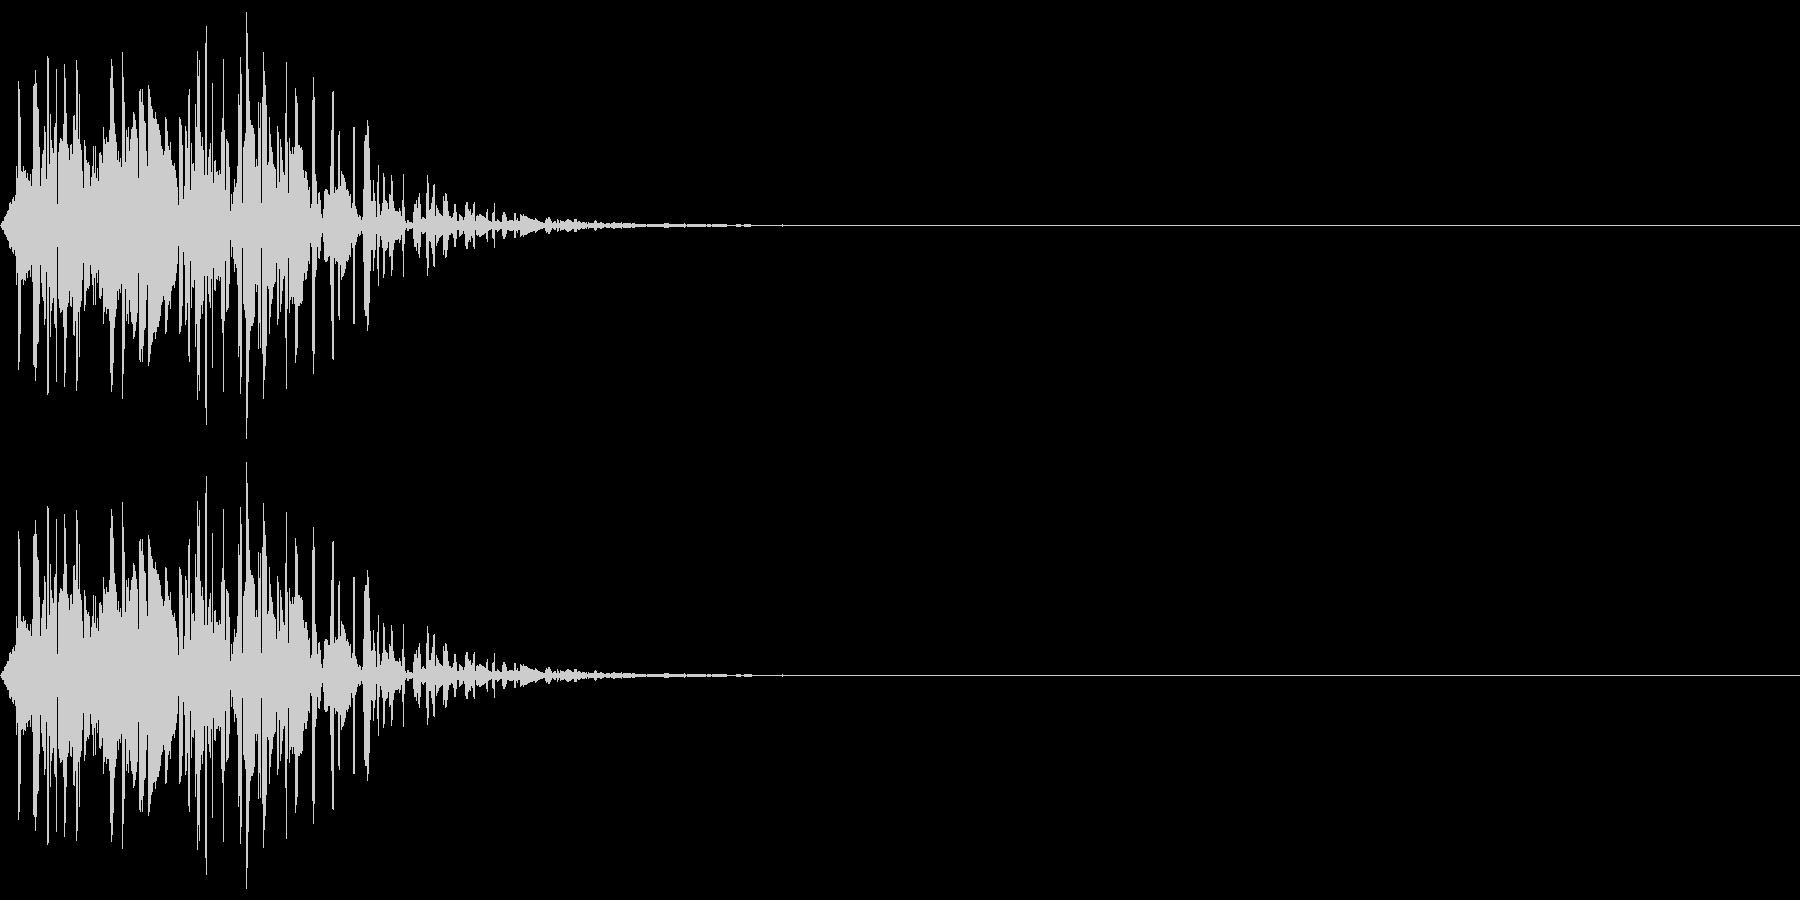 打撃音(マイナス_低音_ダメージ)の未再生の波形